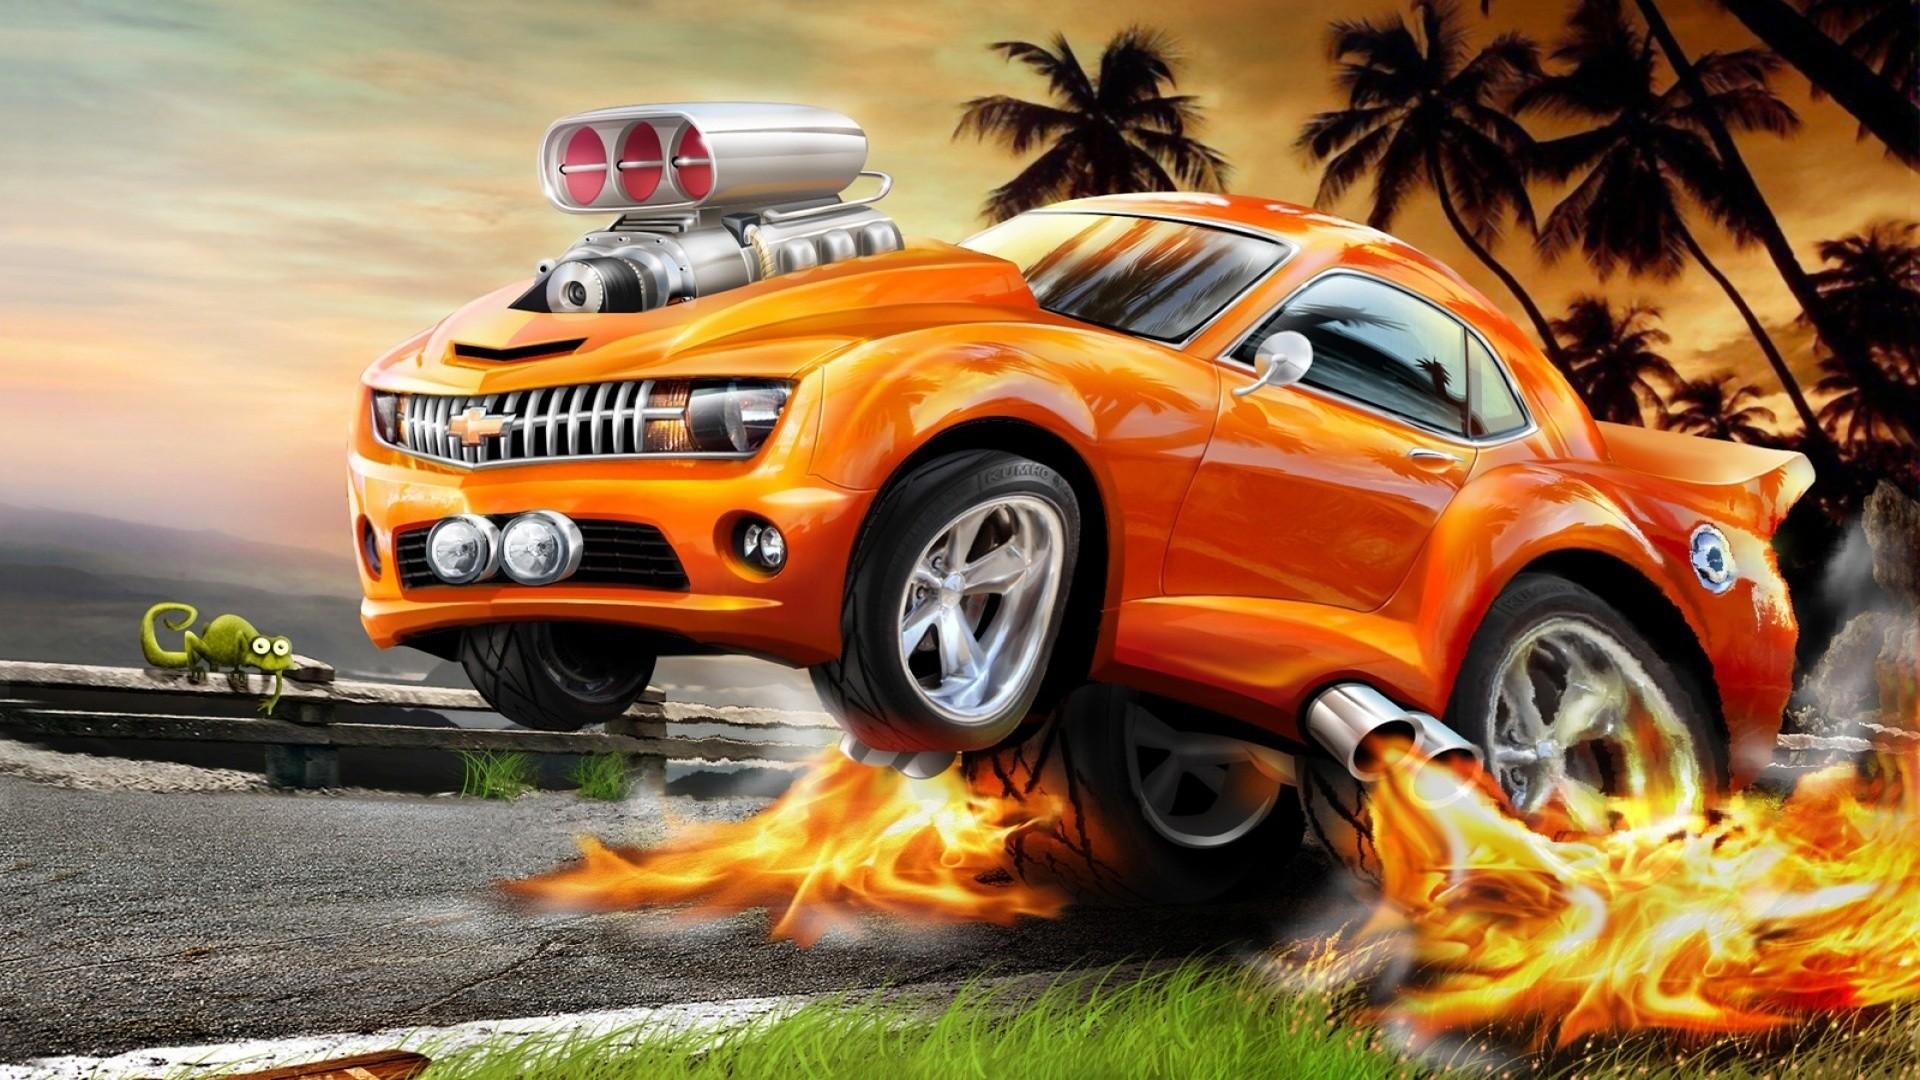 Hot Wheels Wallpapers Hotwheels 12 Camaro Zl1 Green 1920x1080 Forza Horizon 3